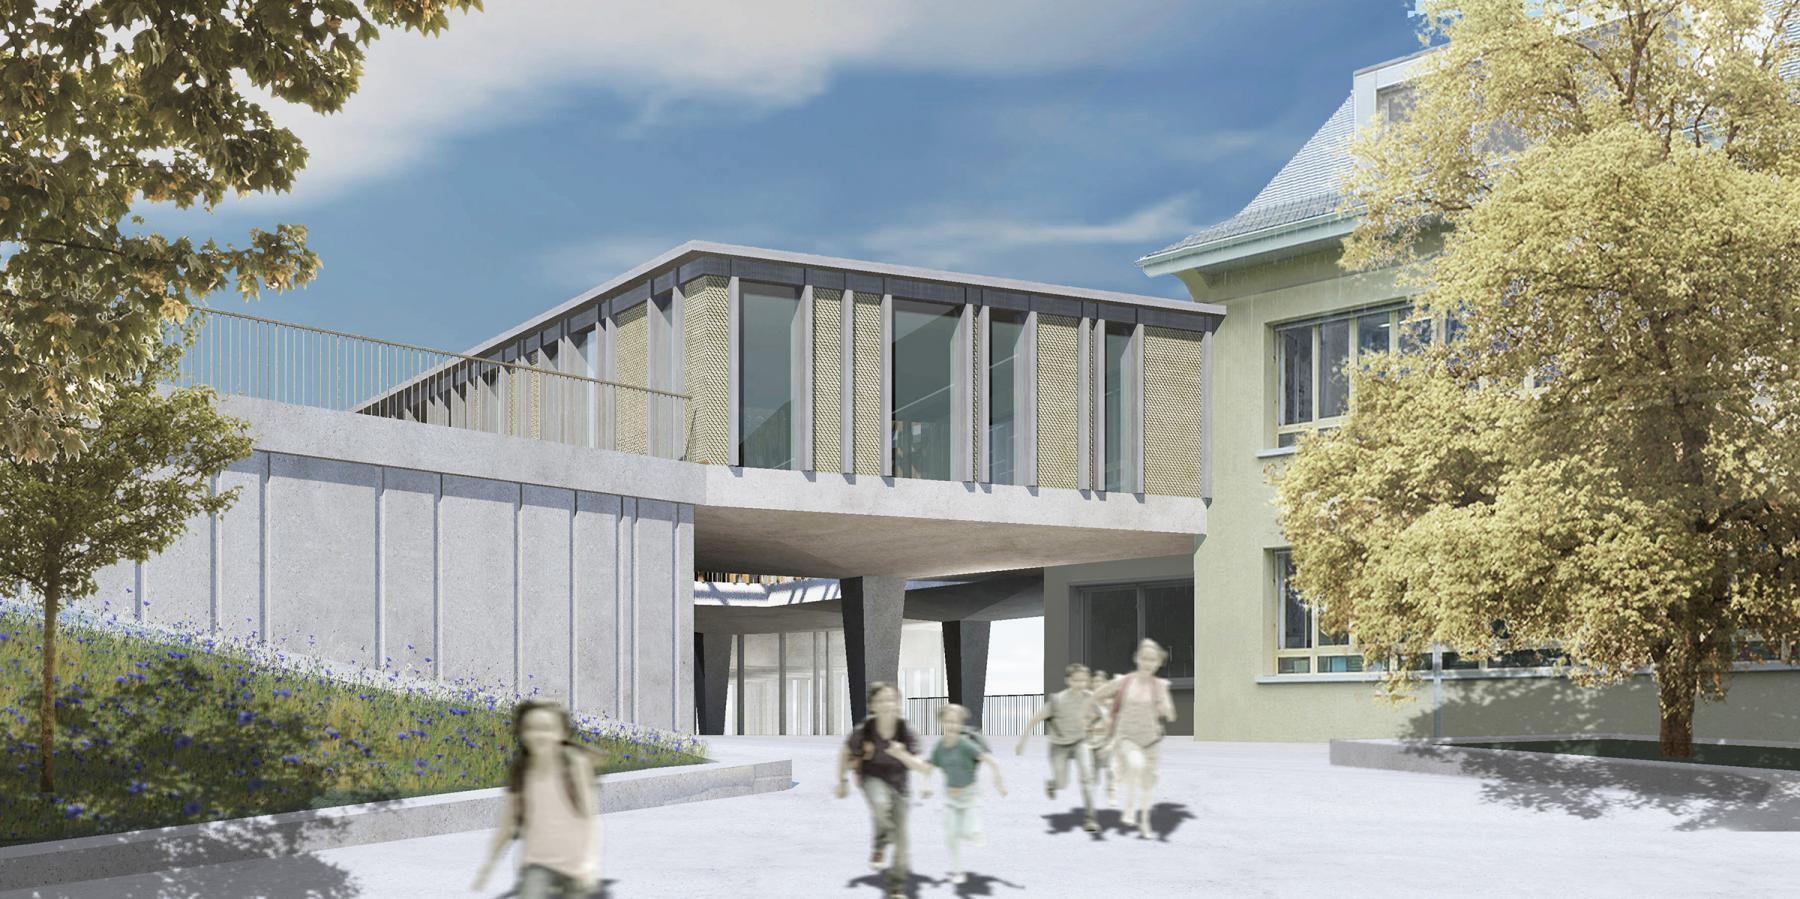 Schulanlage Bündtmättli, Erweiterung mit Schulräumen, Doppelturnhalle und Kindergärten, Malters, Meyer Gadient Architekten, Bündtmitte